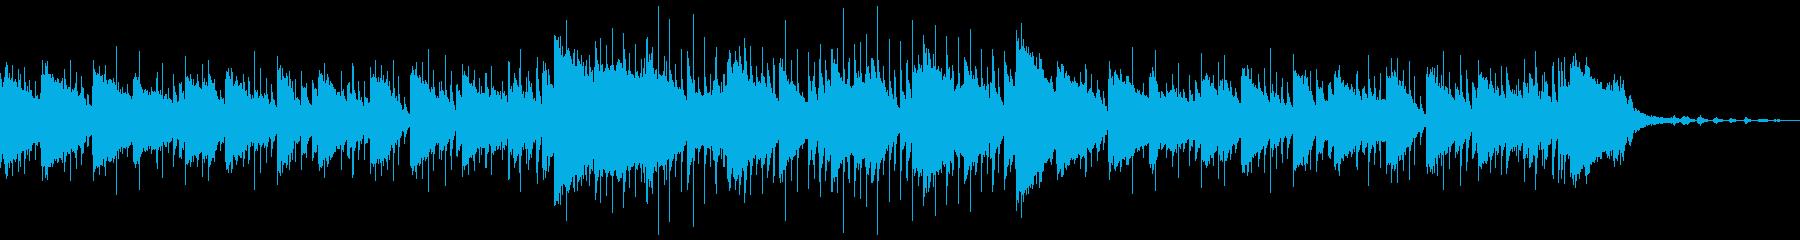 穏やかなYoutube映像に大人なジャズの再生済みの波形